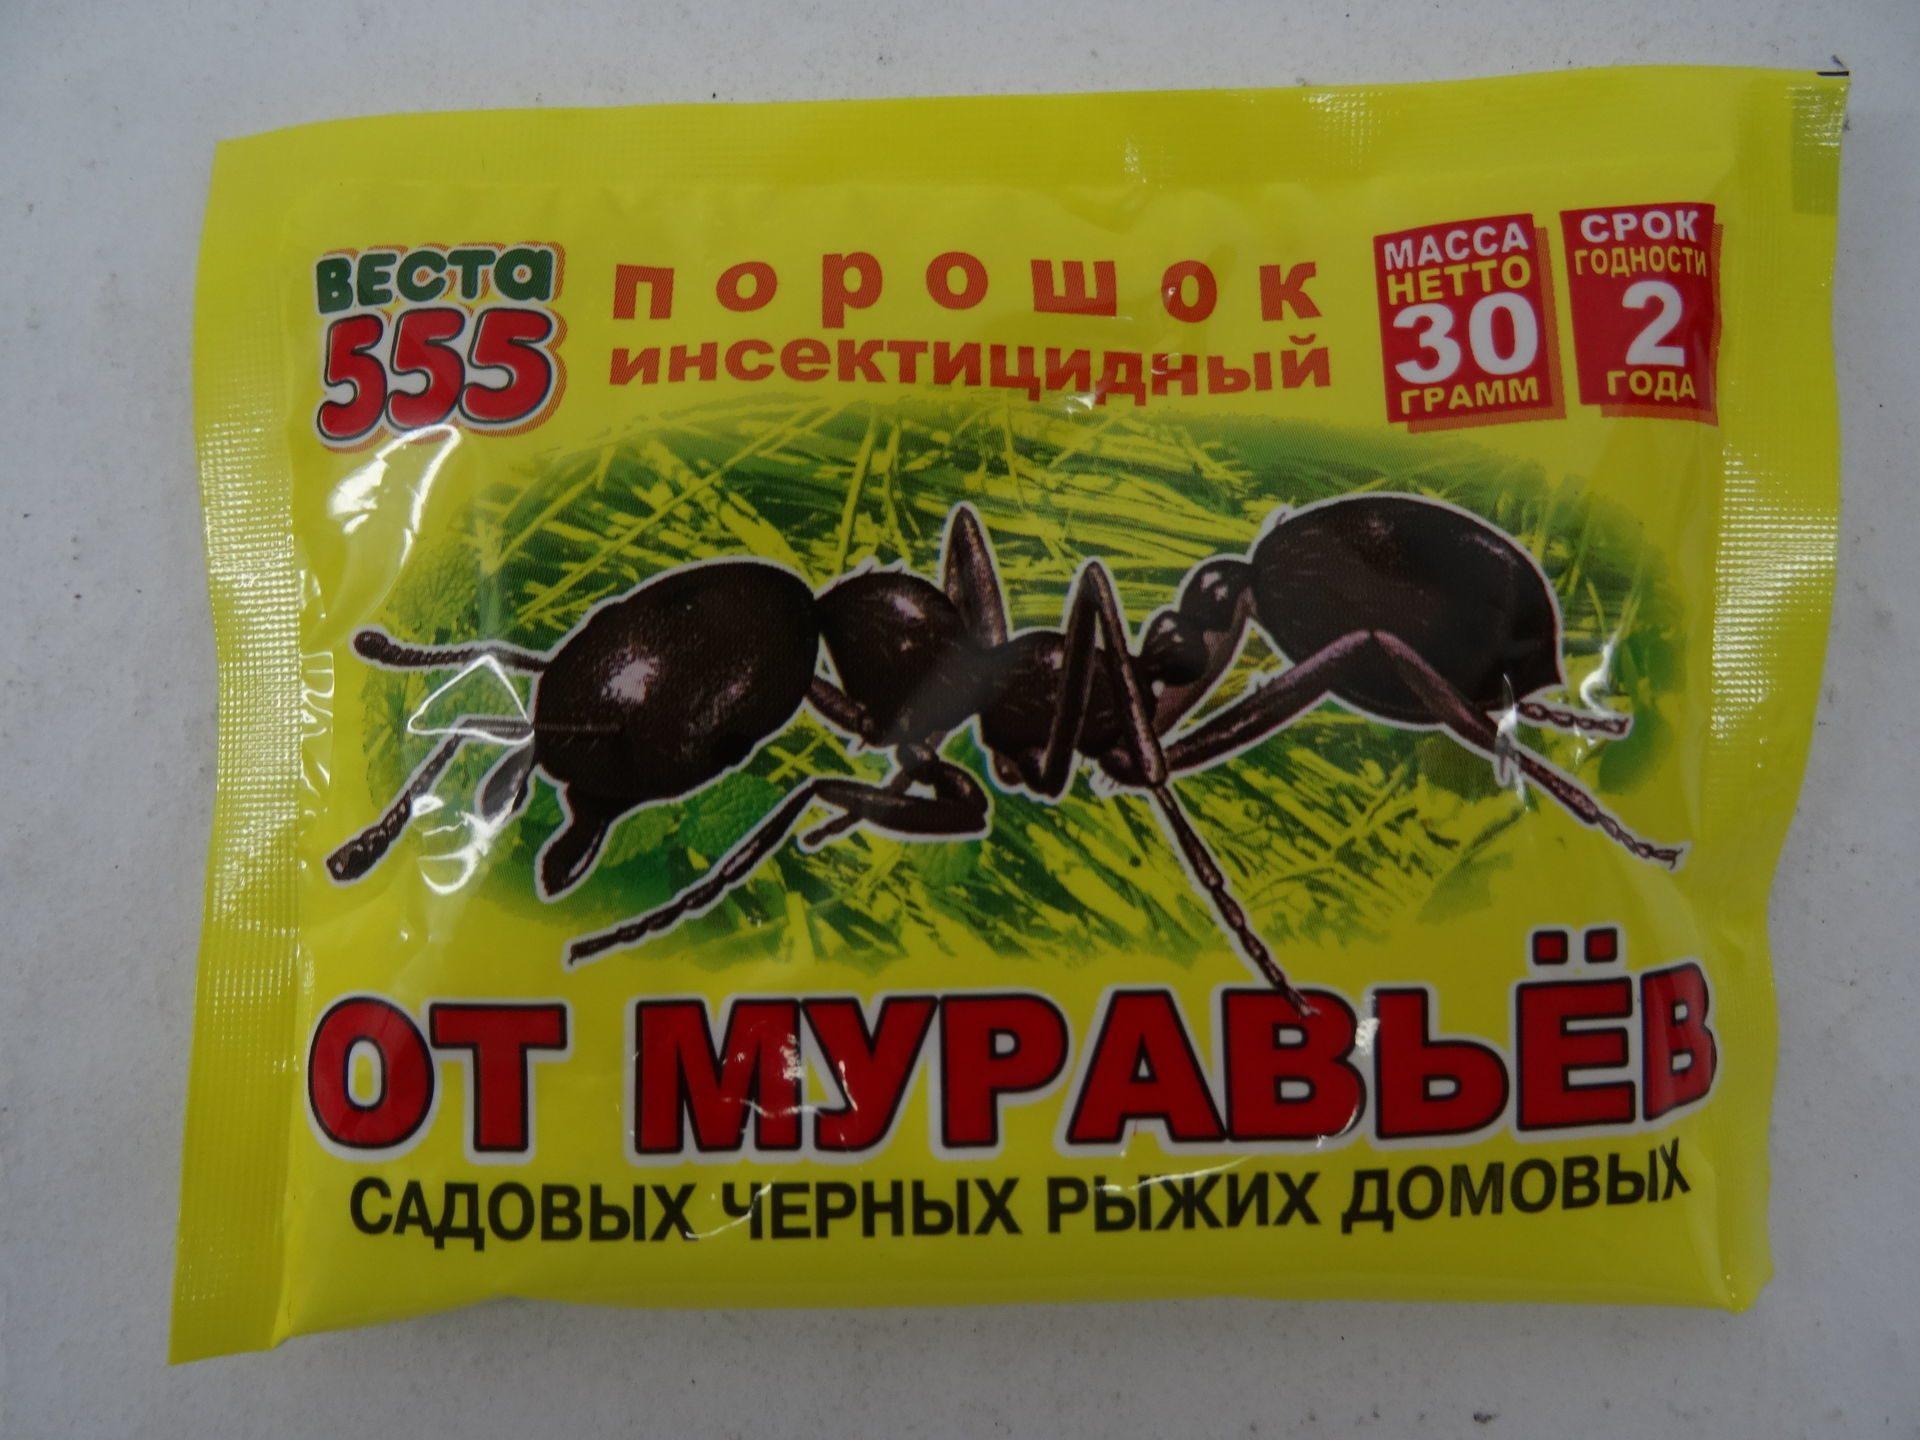 Средства от муравьев в квартире: эффективное народные средства